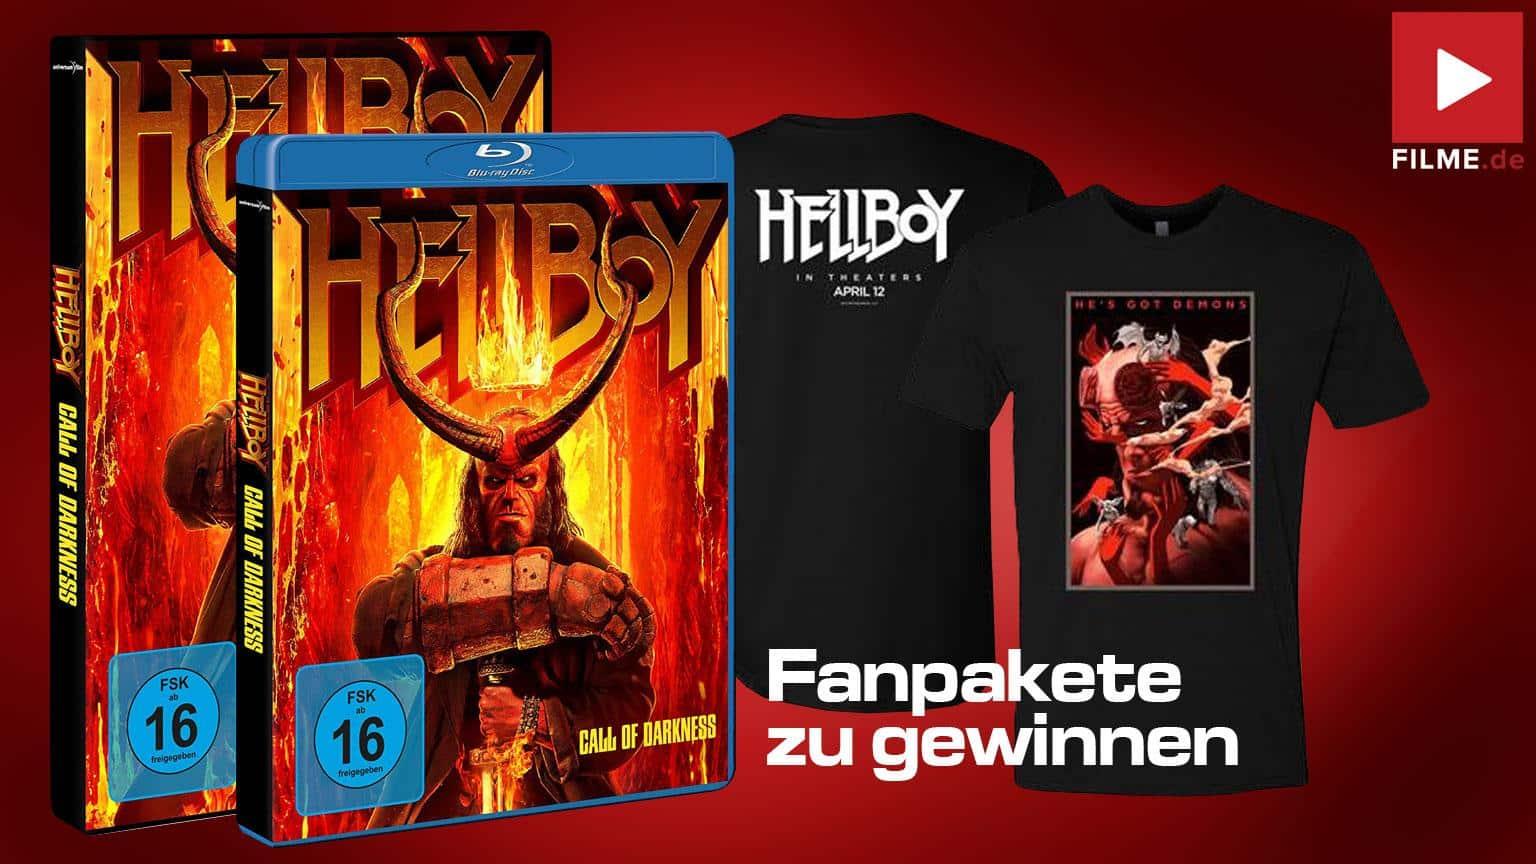 Hellboy - Call of Darkness Gewinnspiel Artiklebild